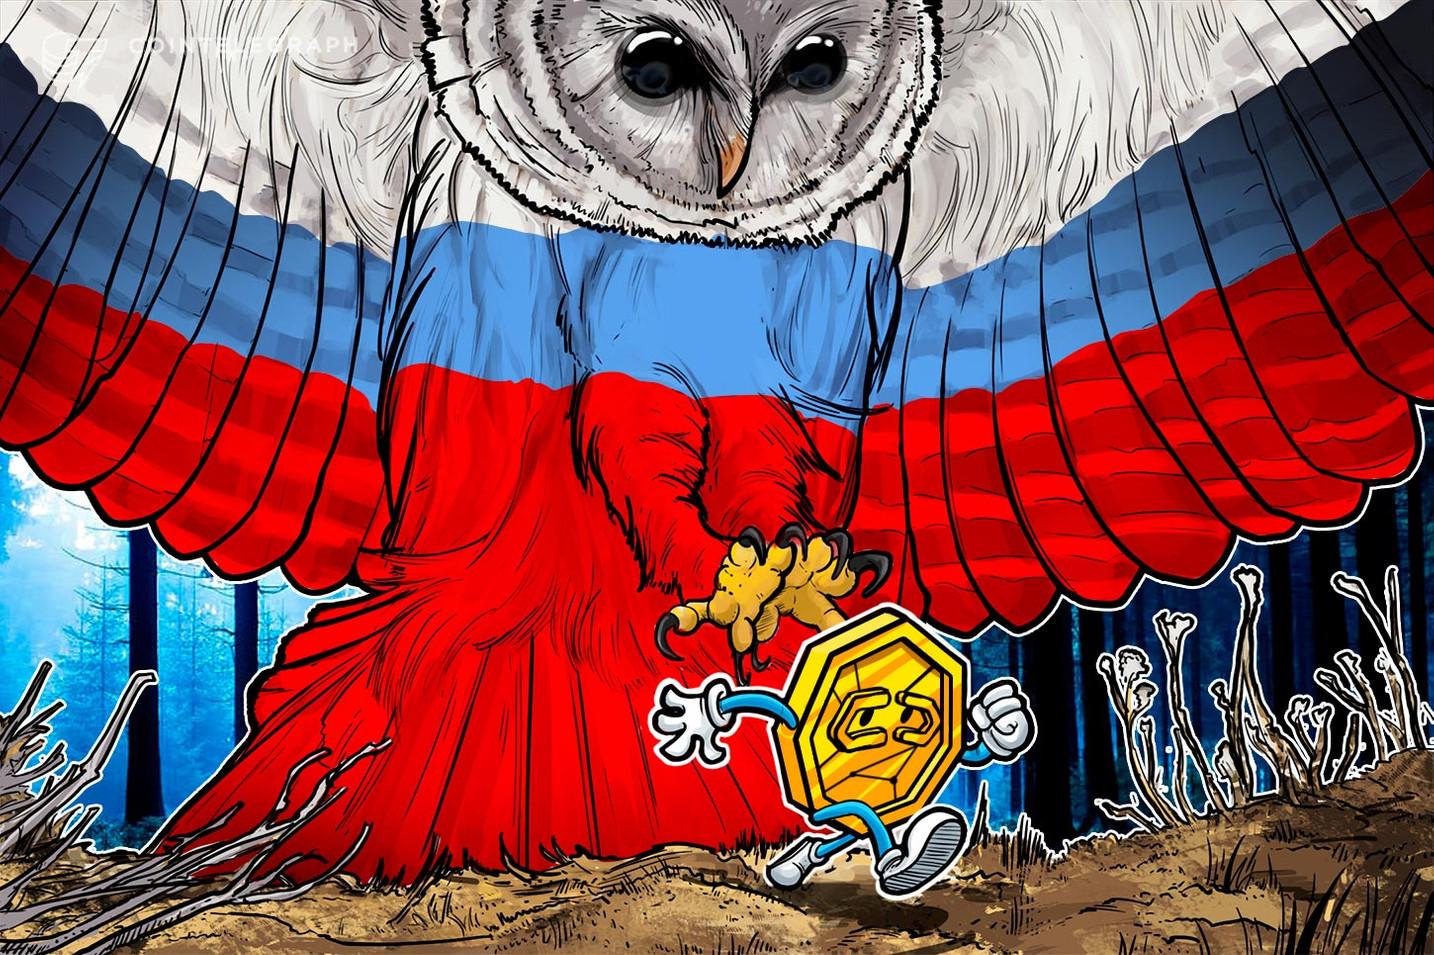 Rusijos įstatymų leidėjai rengia teisinius pakeitimus, kad konfiskuotų kriptografiją